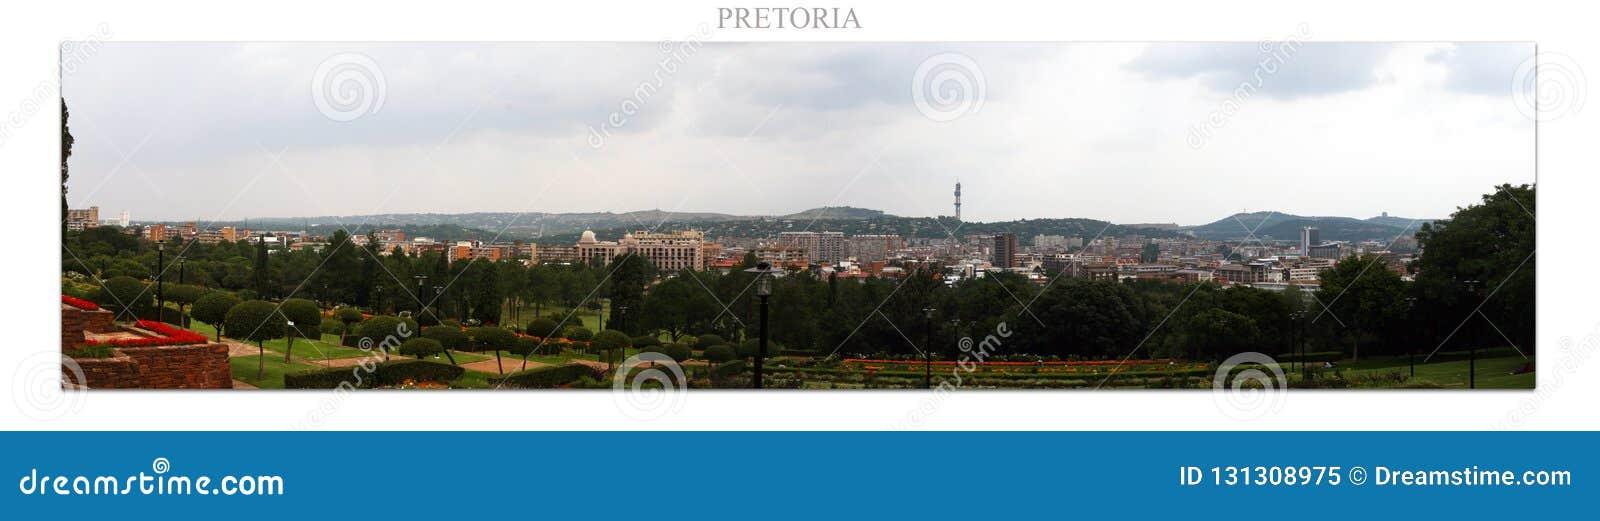 Simplemente Pretoria en Suráfrica